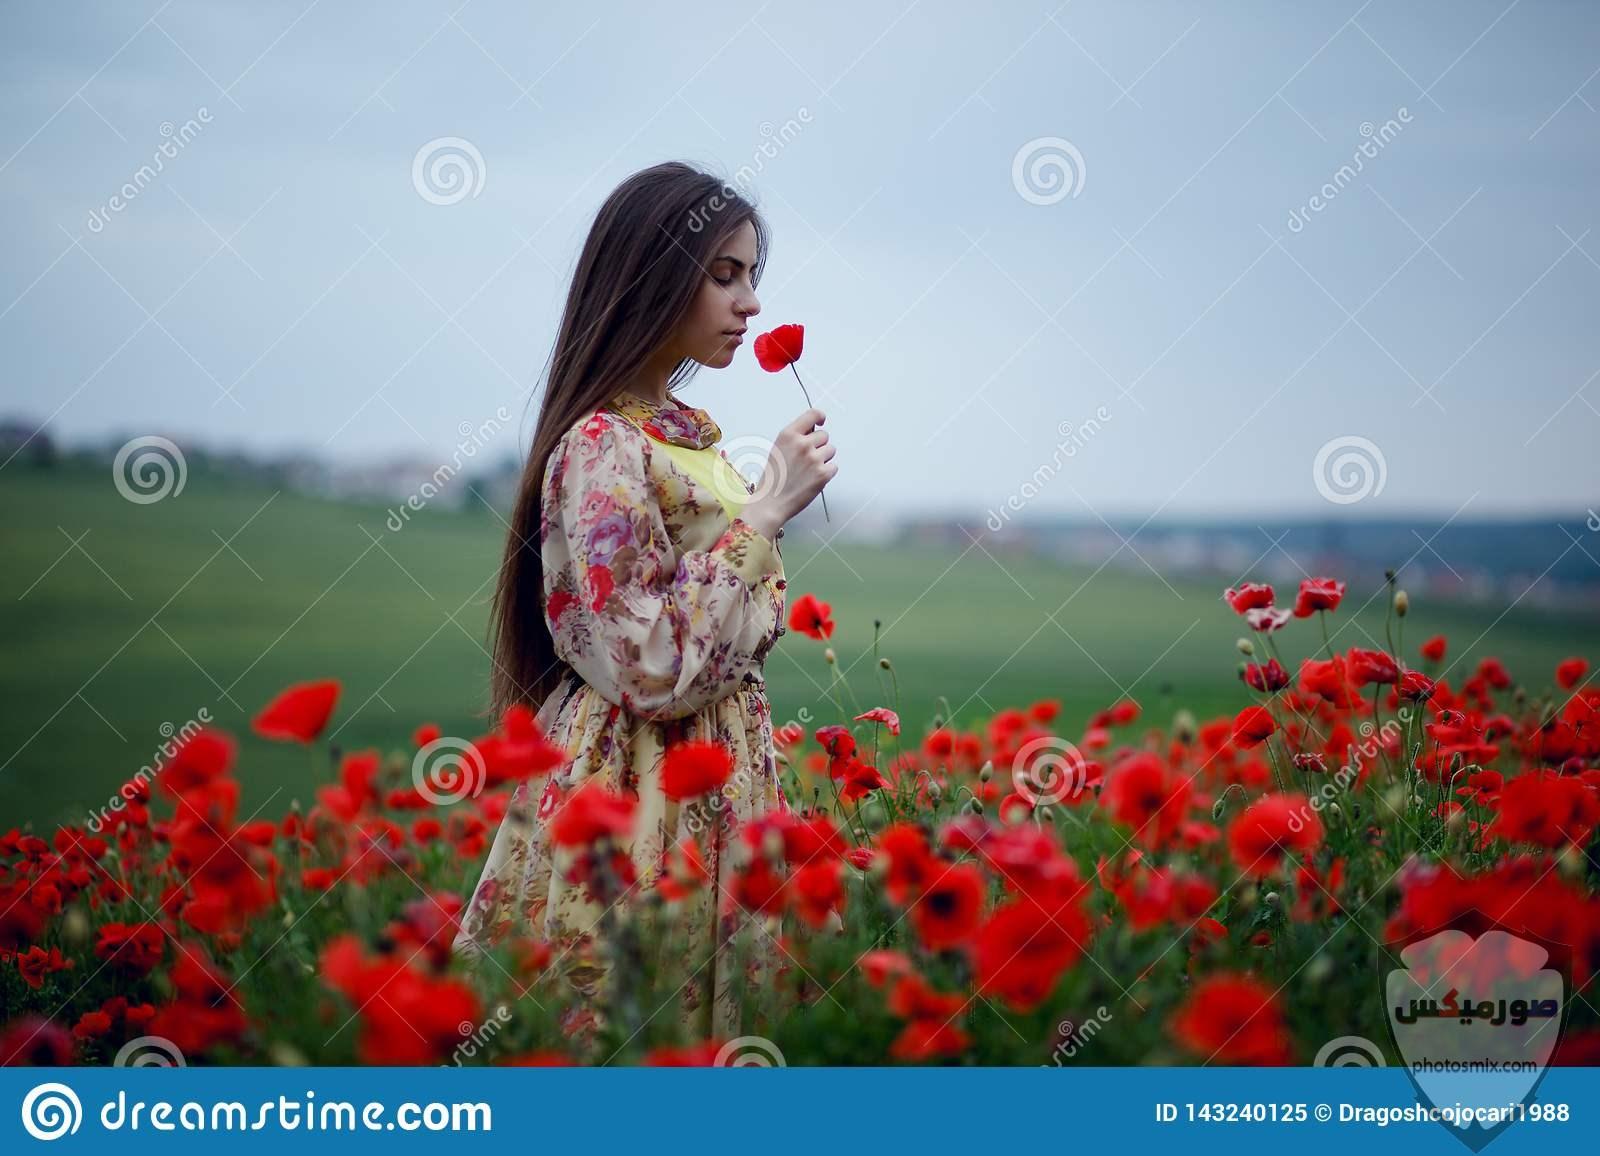 اجمل صور صور جميلة صور جميلة مكتوب عليها اجمل صور خلفيات 11